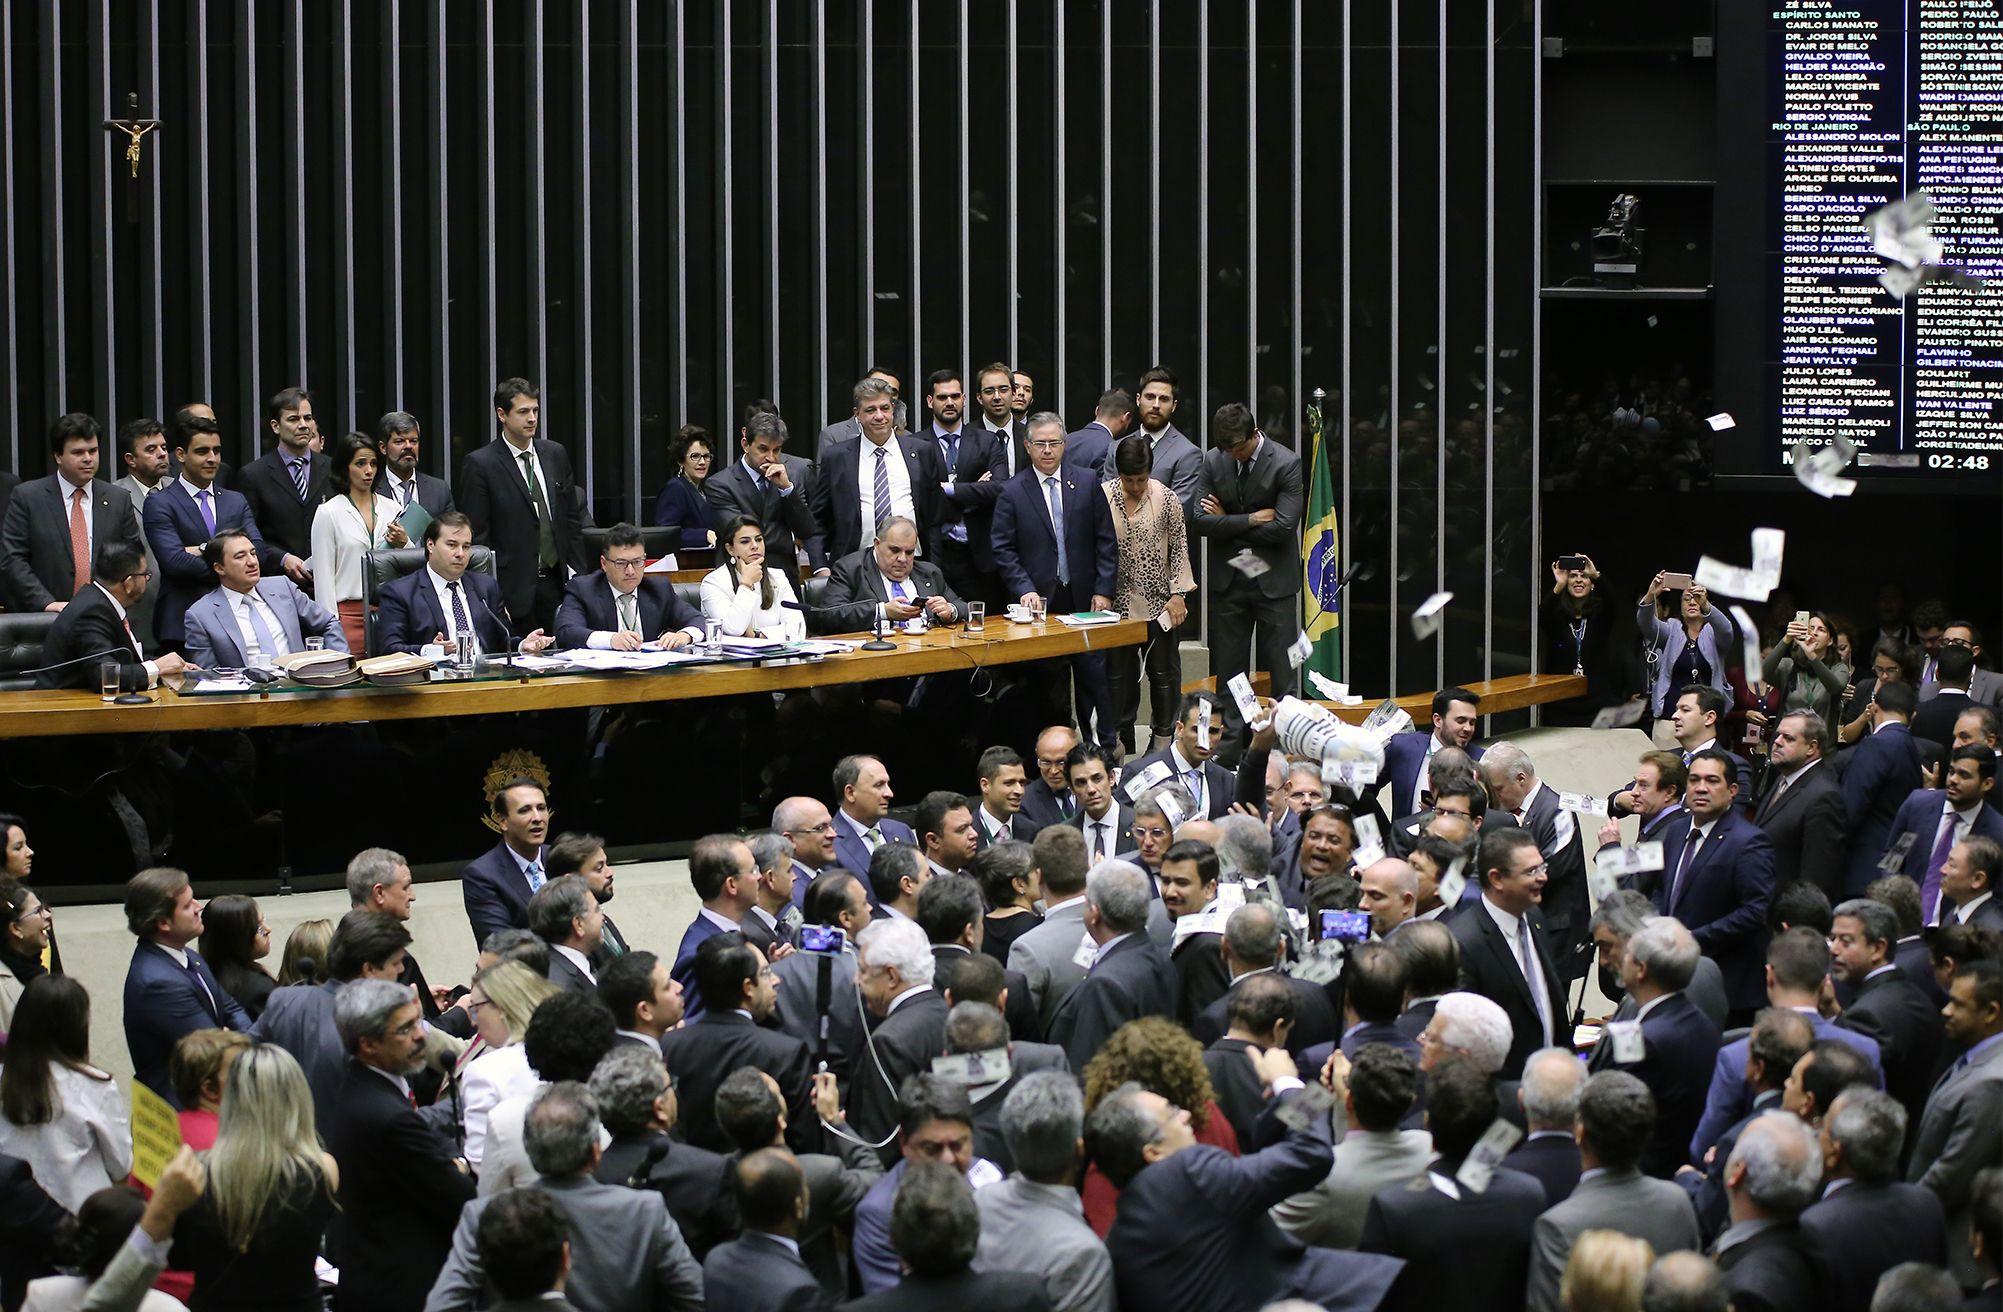 Só 6% dos eleitores se veem representados por políticos em quem já votaram / Gilmar Felix/Câmara dos Deputados